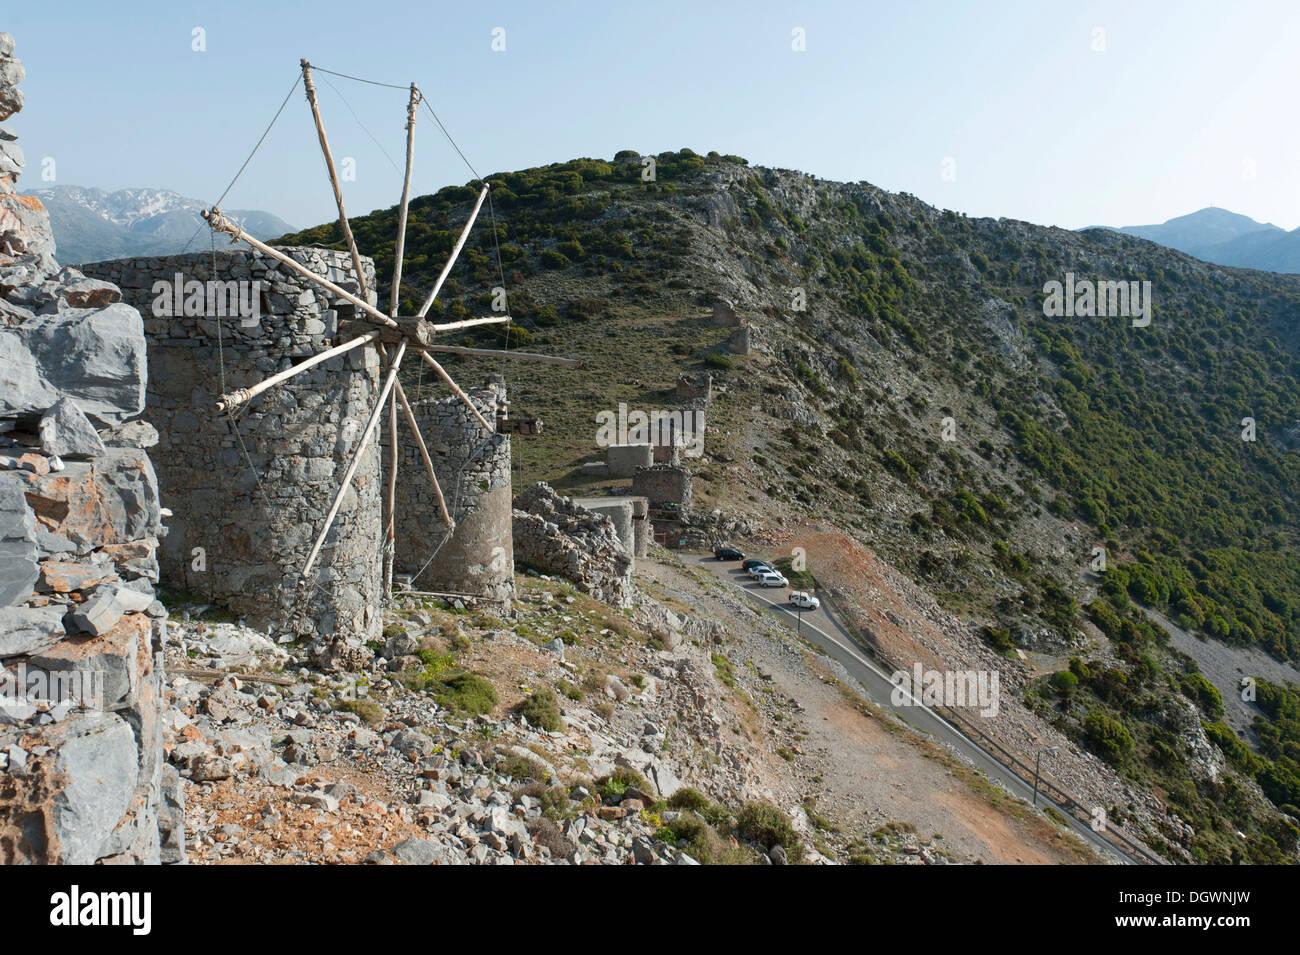 Storico di energia eolica, vecchi mulini a vento veneziano al Ambélos Pass, altopiano di Lassithi, Creta, Grecia, Europa Immagini Stock